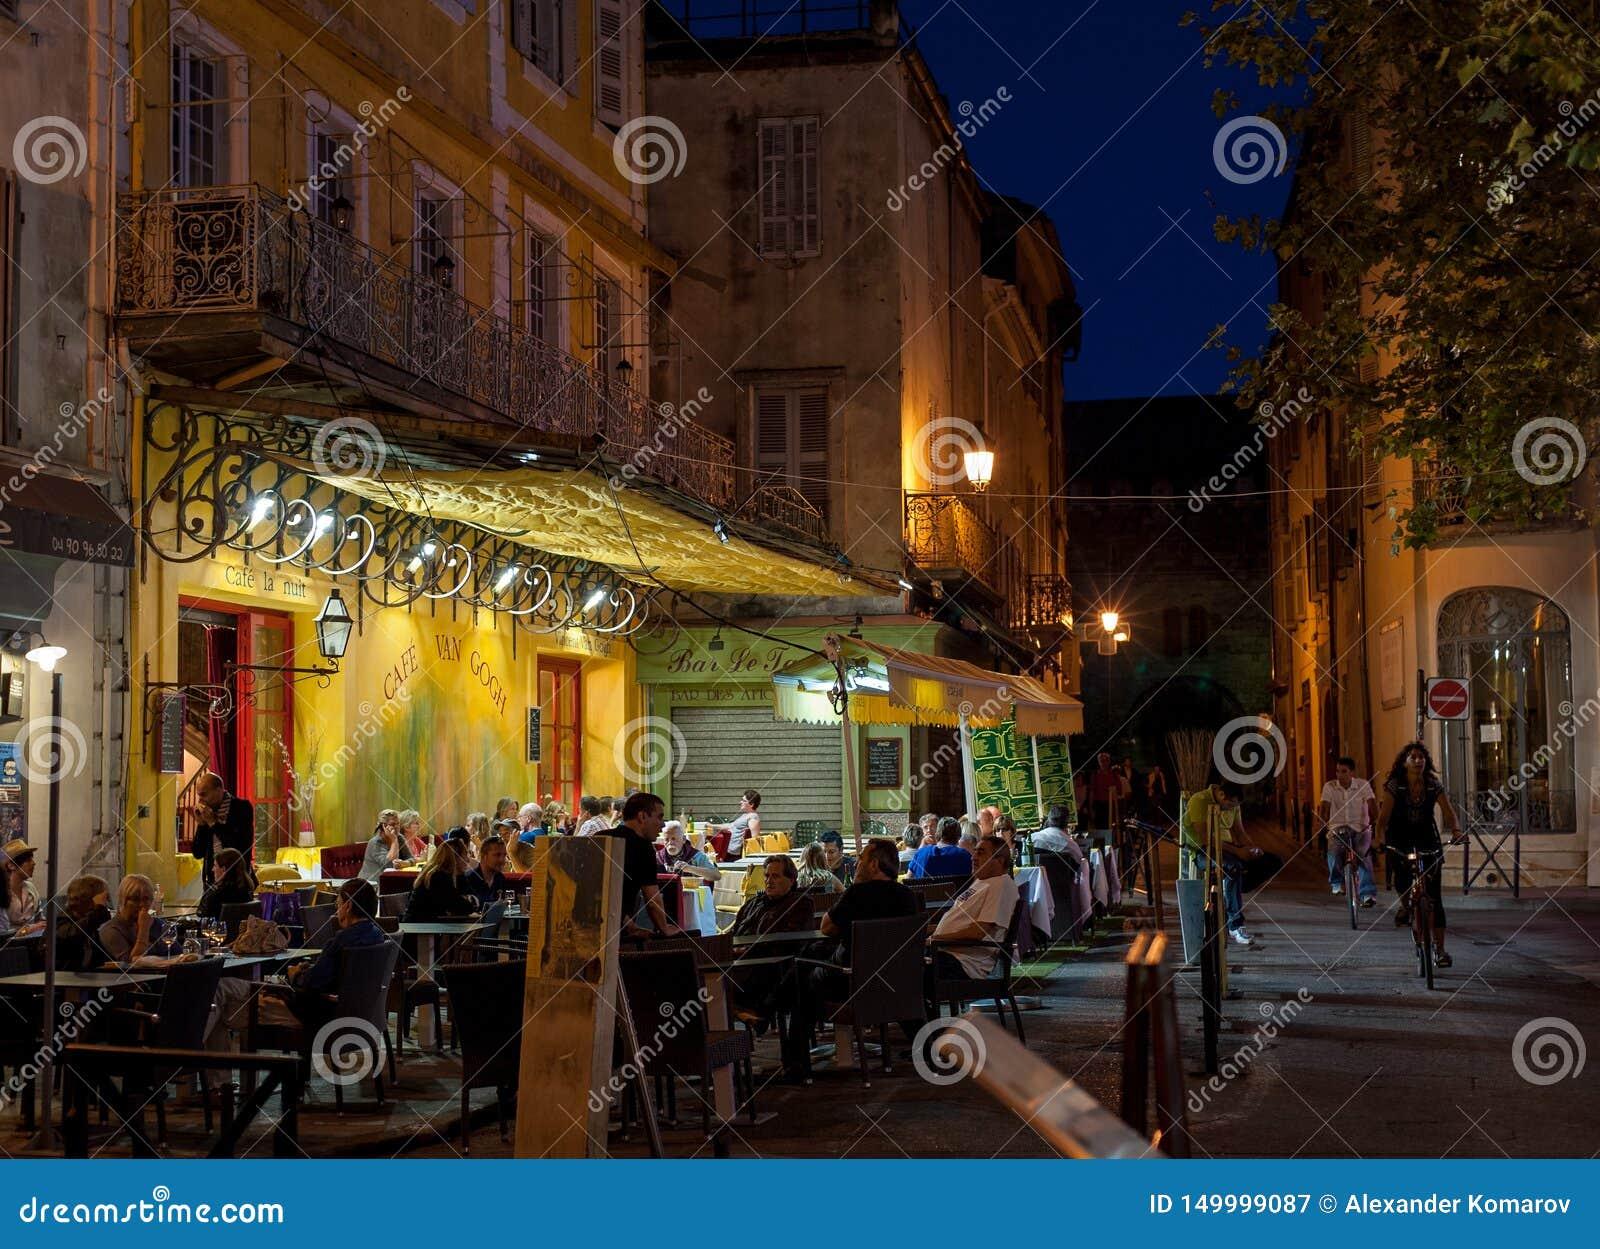 Καφές Βαν Γκογκ, Arles, Γαλλία